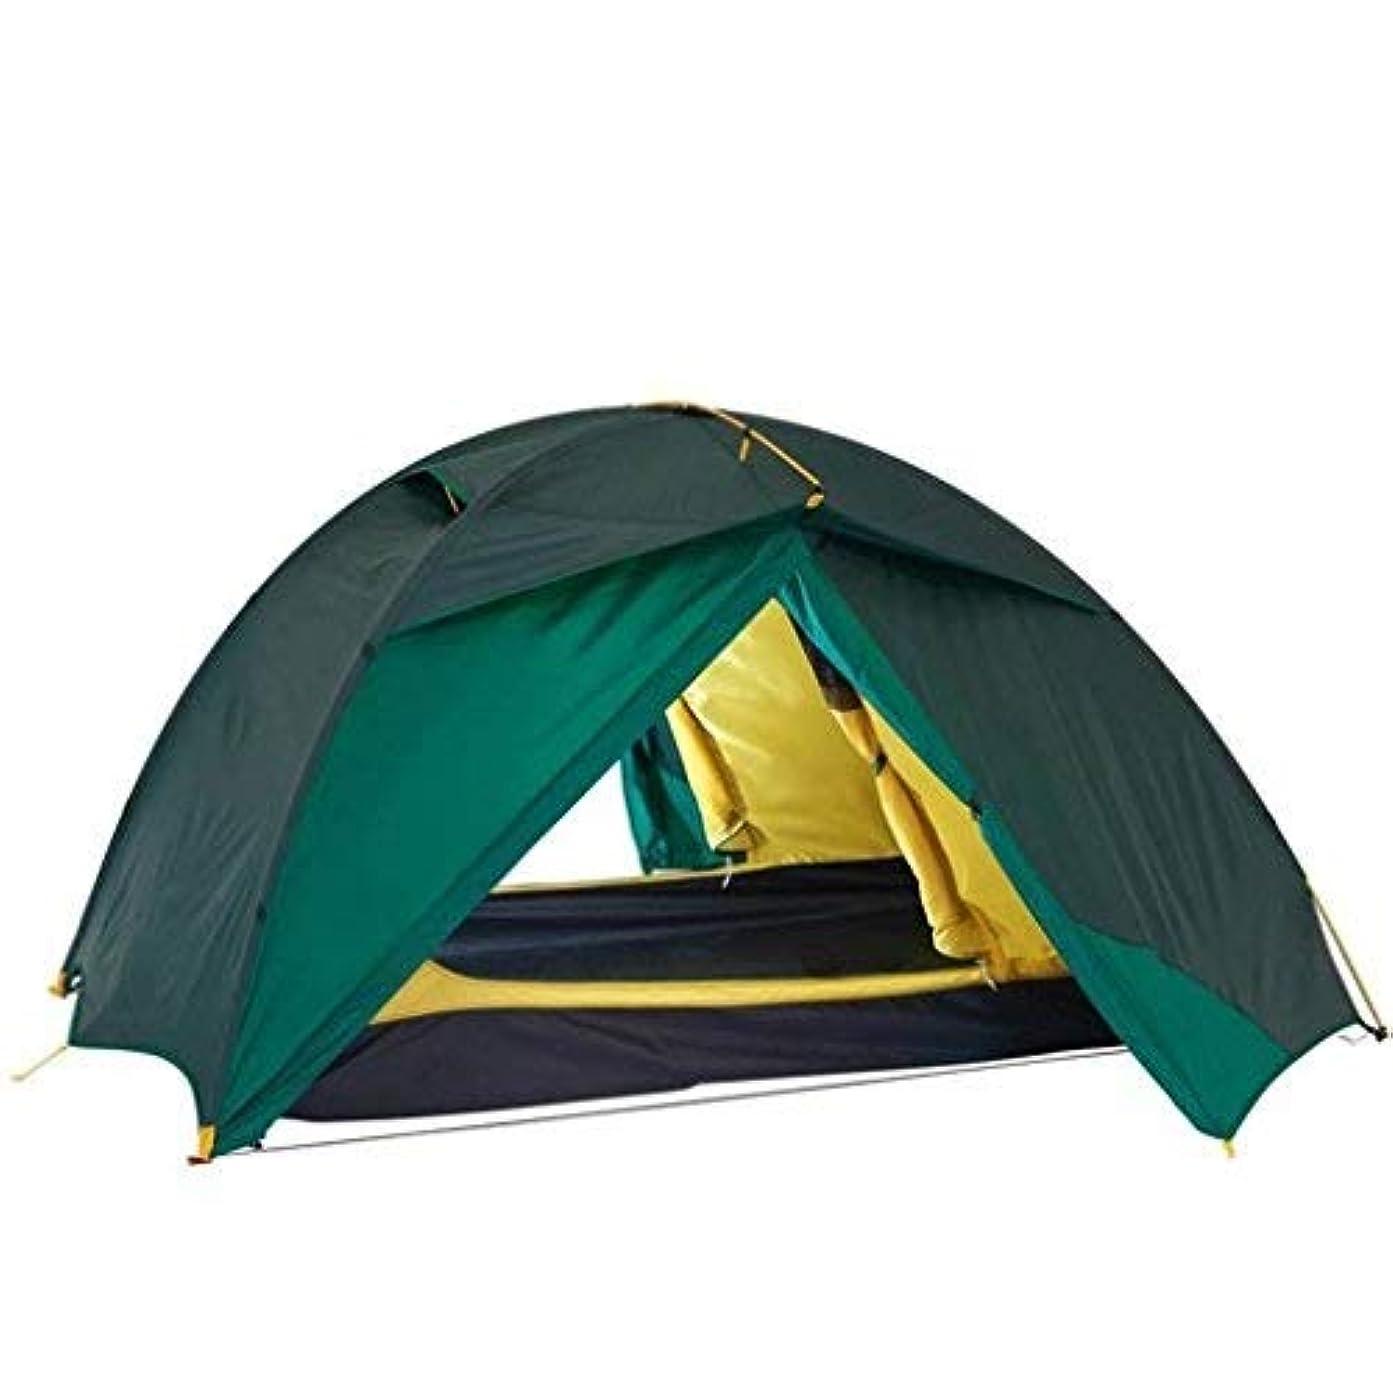 赤ちゃん運営アサーテント、キャンプテント、キャンプアウトドアキャンプ日焼け止めアルミロッドテント